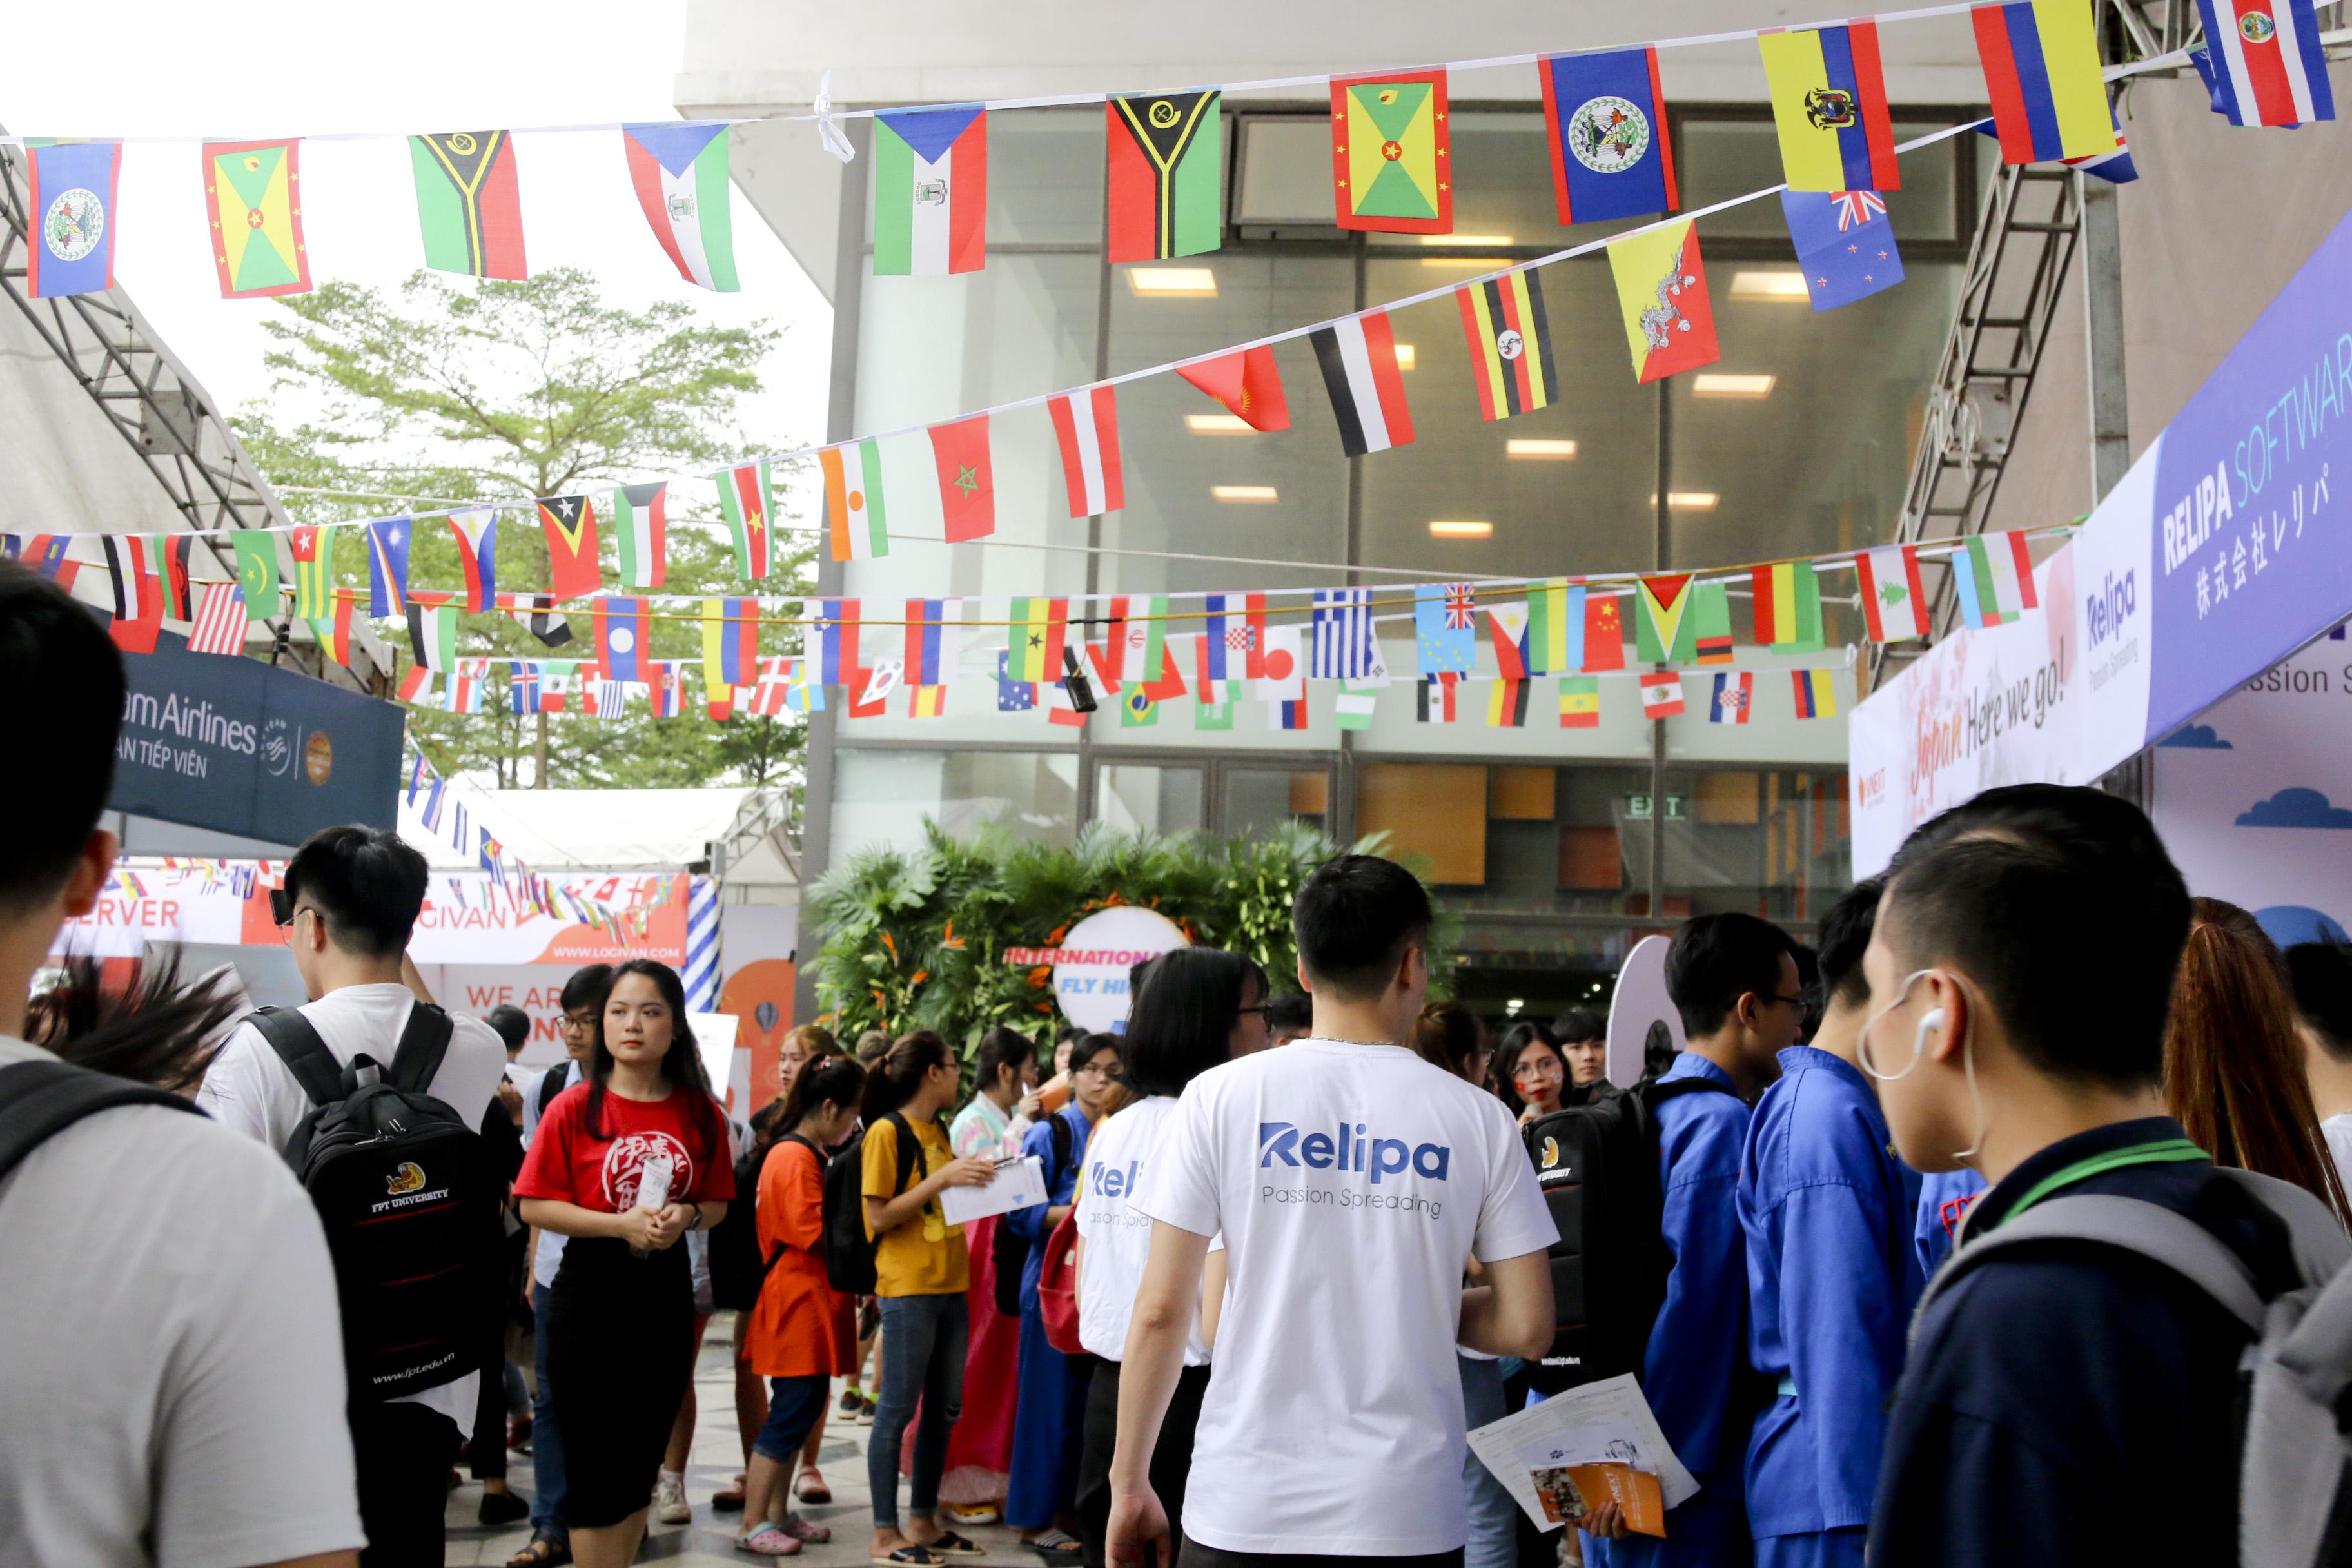 Theo thống kê từ BTC, khoảng hơn 2.000 sinh viên FPT đến sự kiện để tìm kiếm cơ hội làm việc toàn cầu.